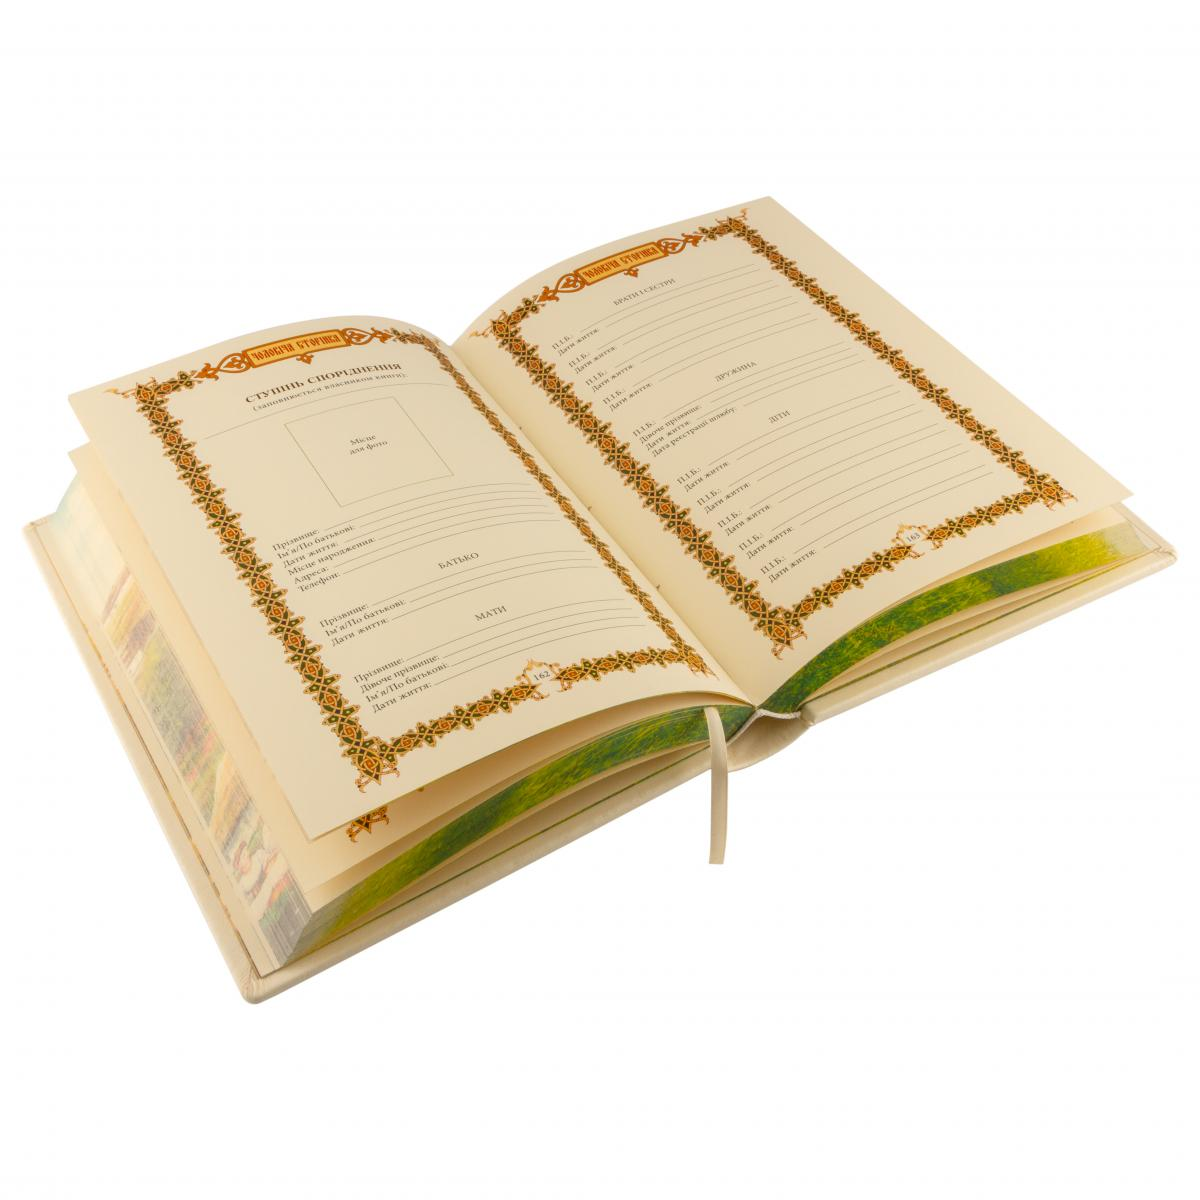 Родинна книга, подарункове видання. Фото №4.   Народний дім Україна